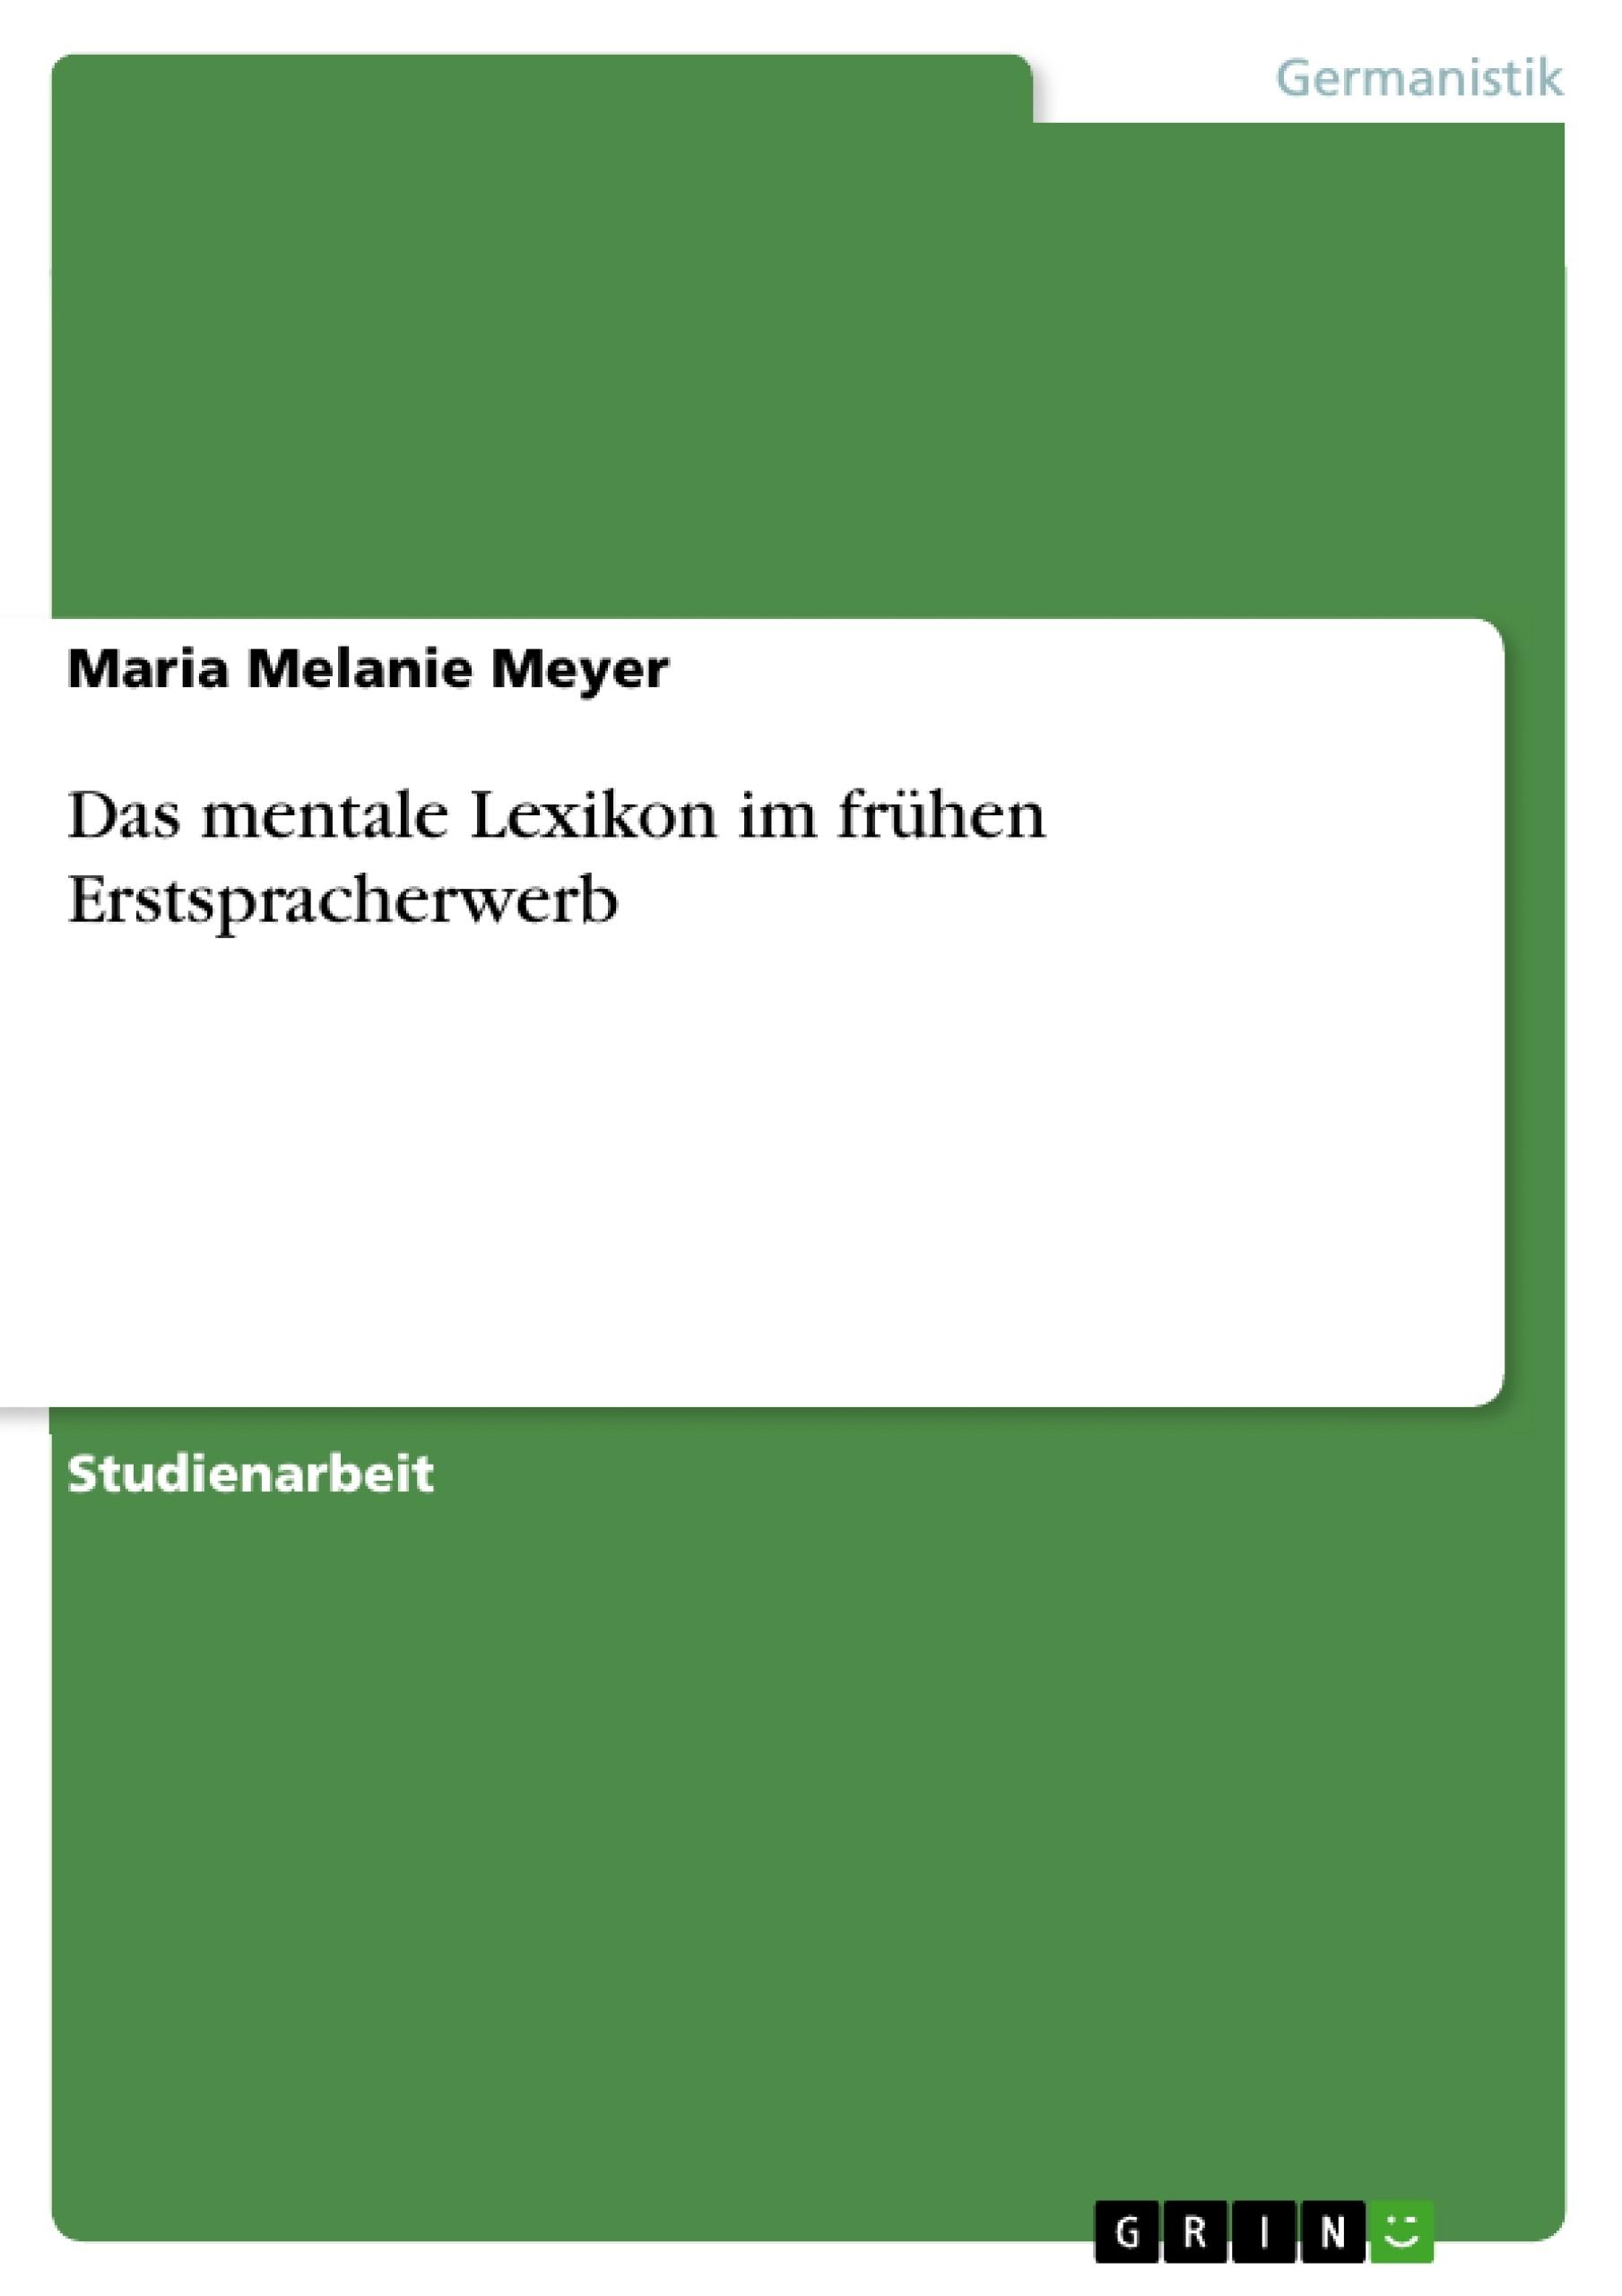 Titel: Das mentale Lexikon im frühen Erstspracherwerb